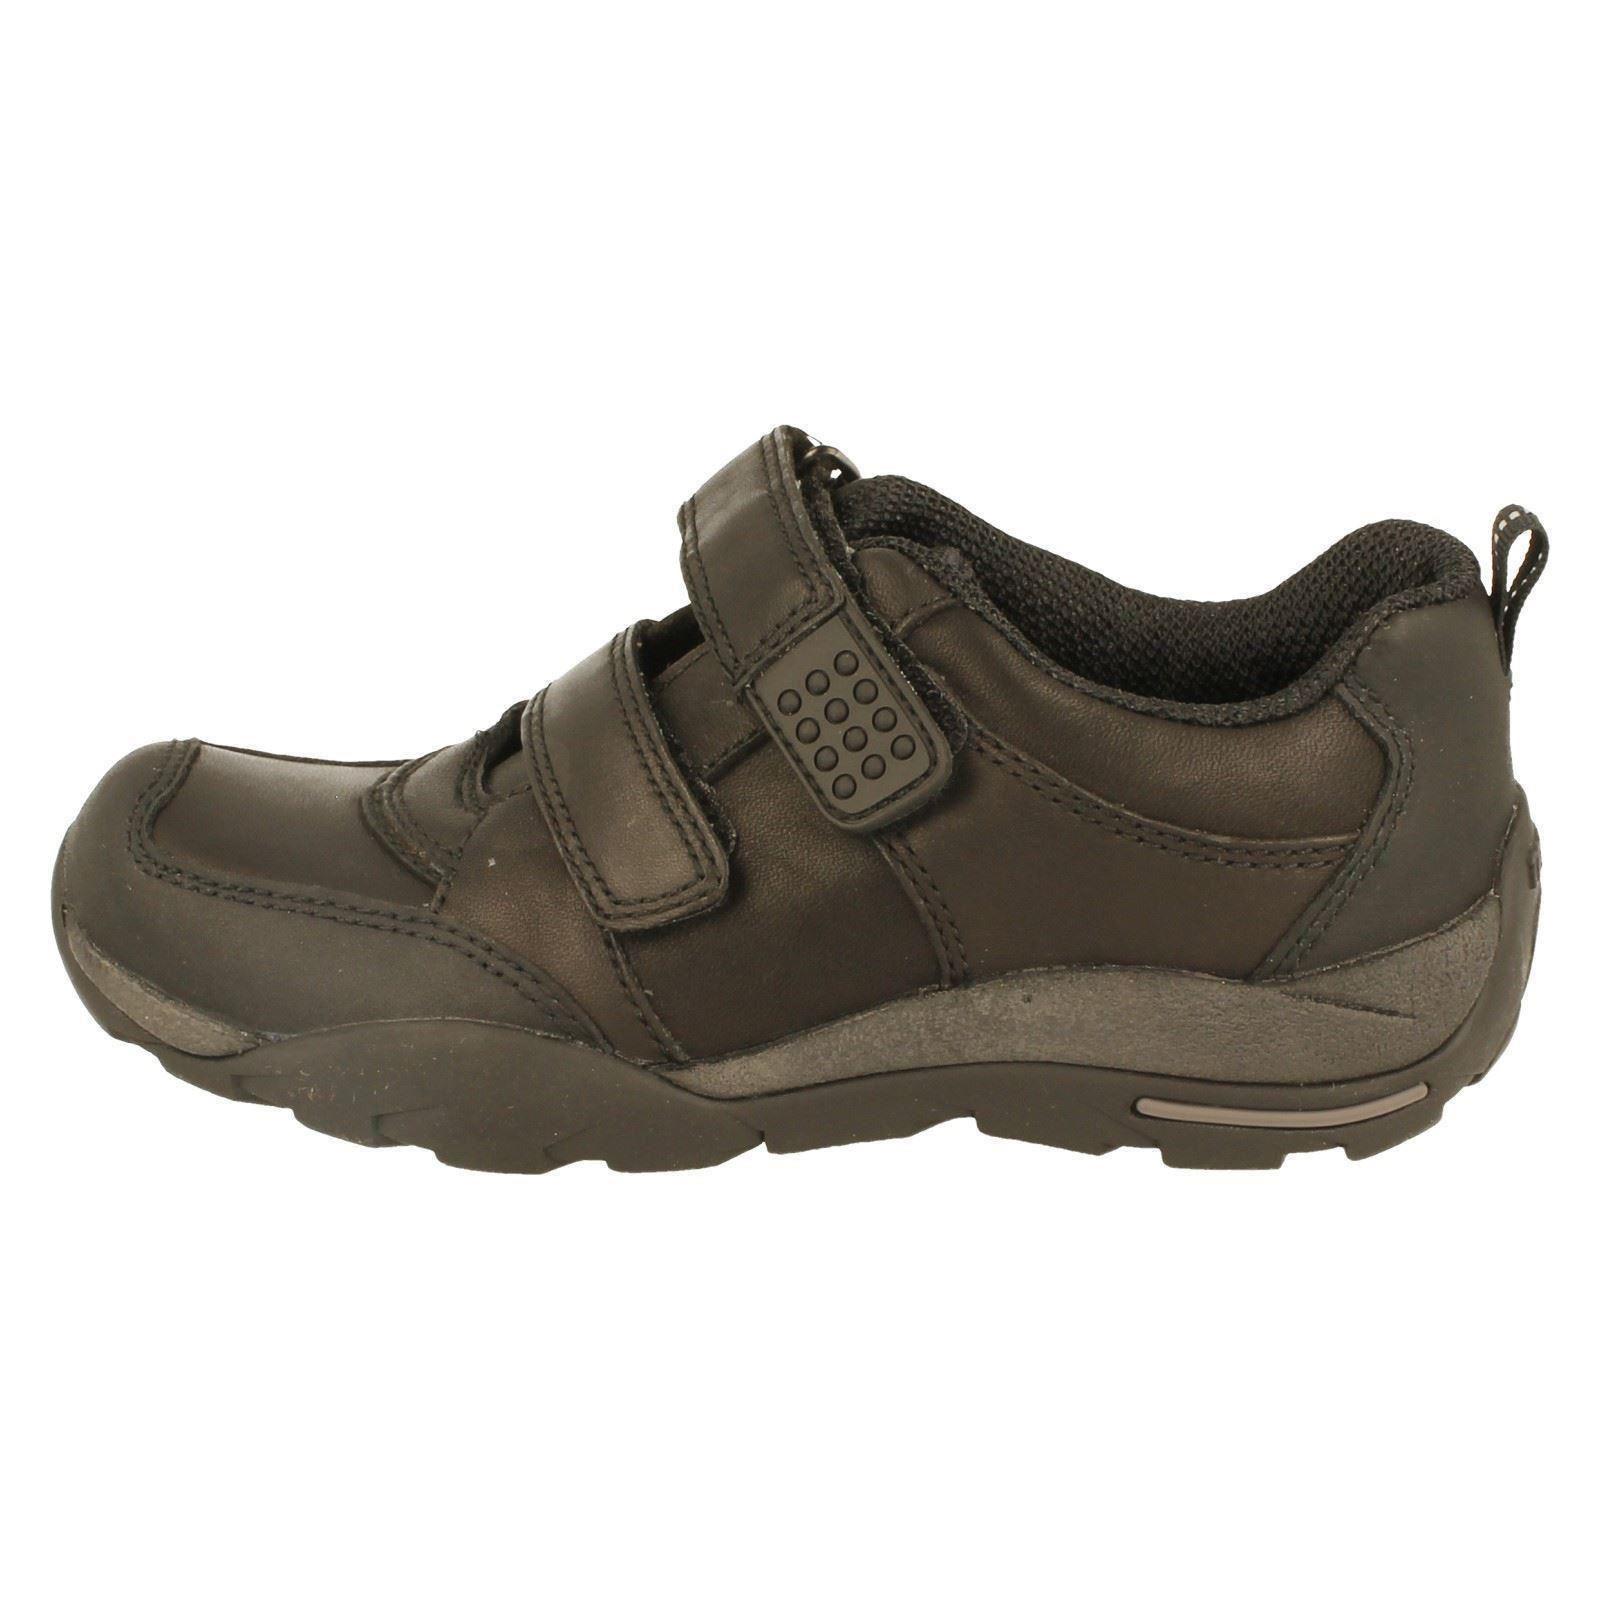 Chicos START Rite zapatos escolares el generador de estilo-W